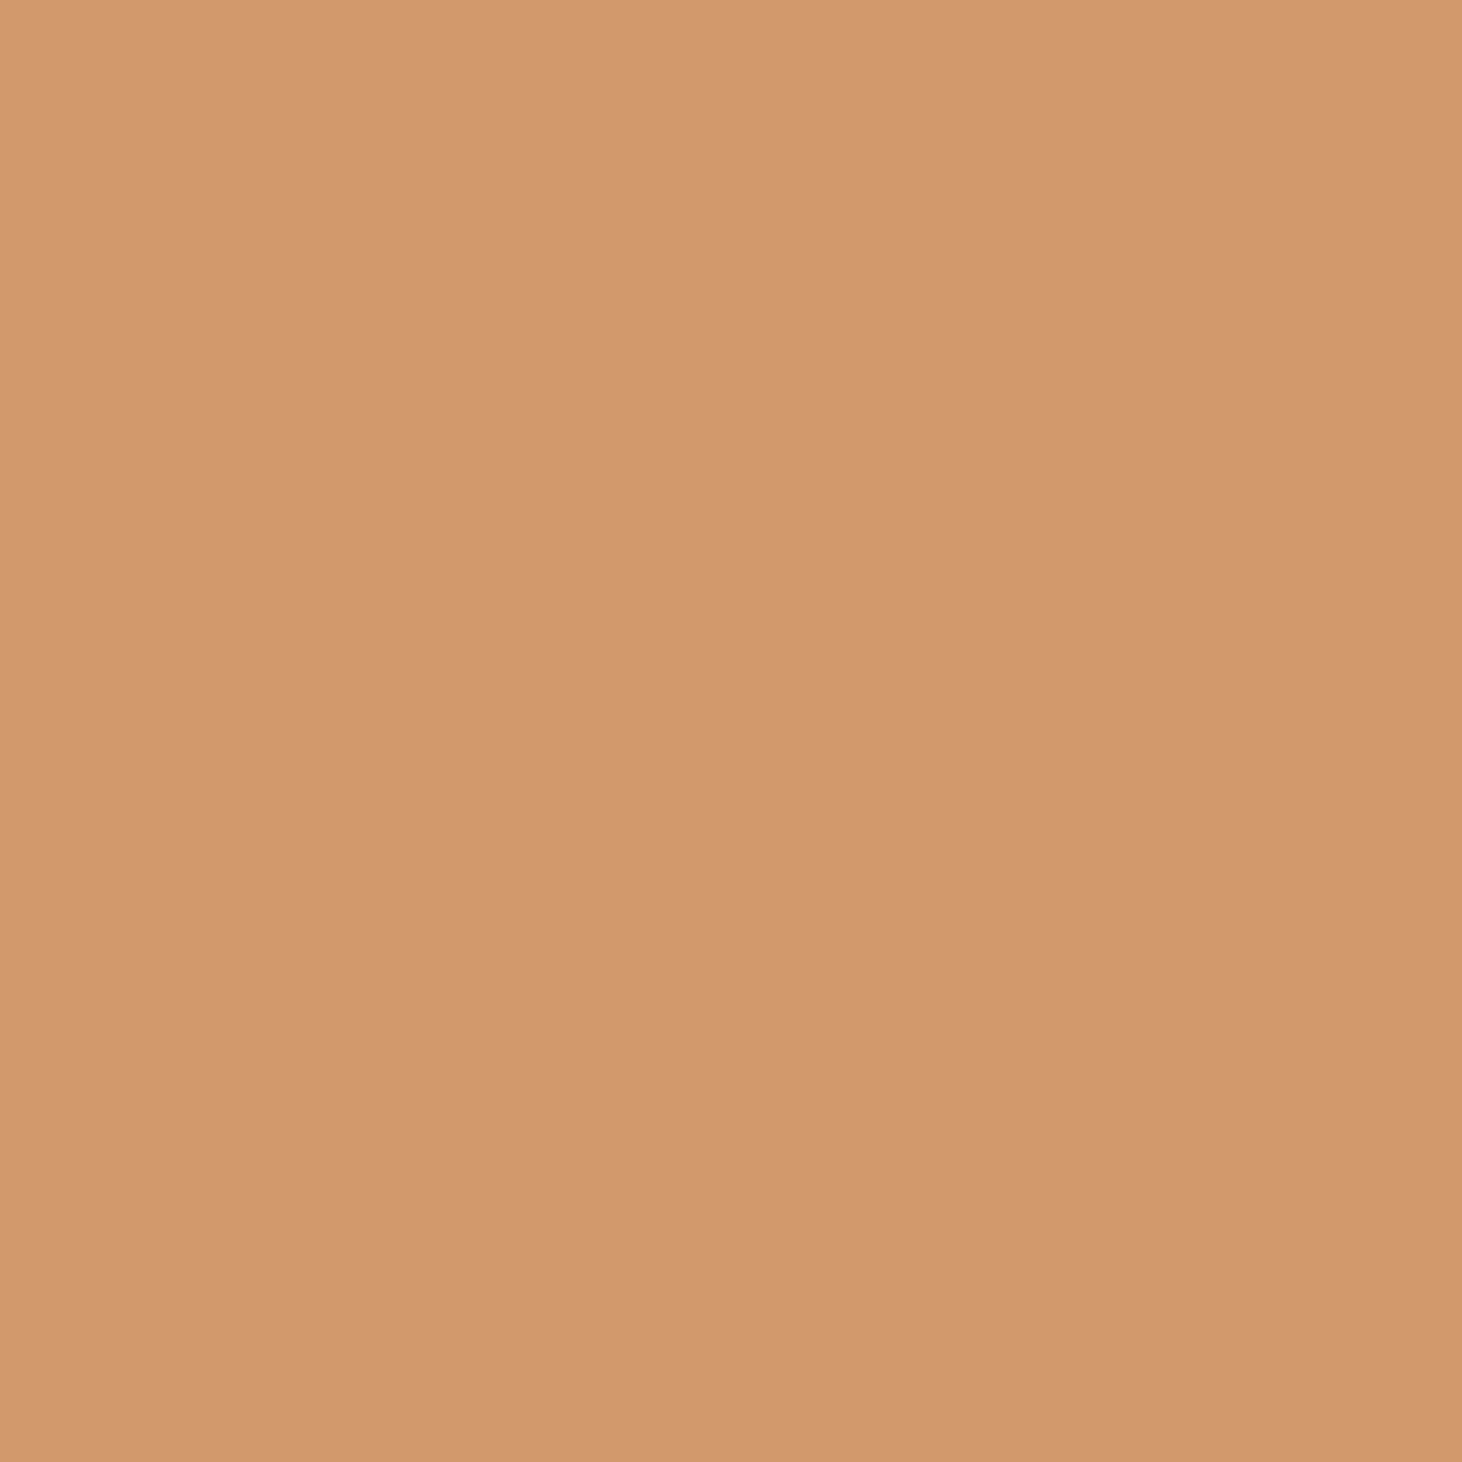 まともなパイ鉛筆SANMIMORE(サンミモレ化粧品) UVパクト 52号オークル (レフィル 替パフ付)